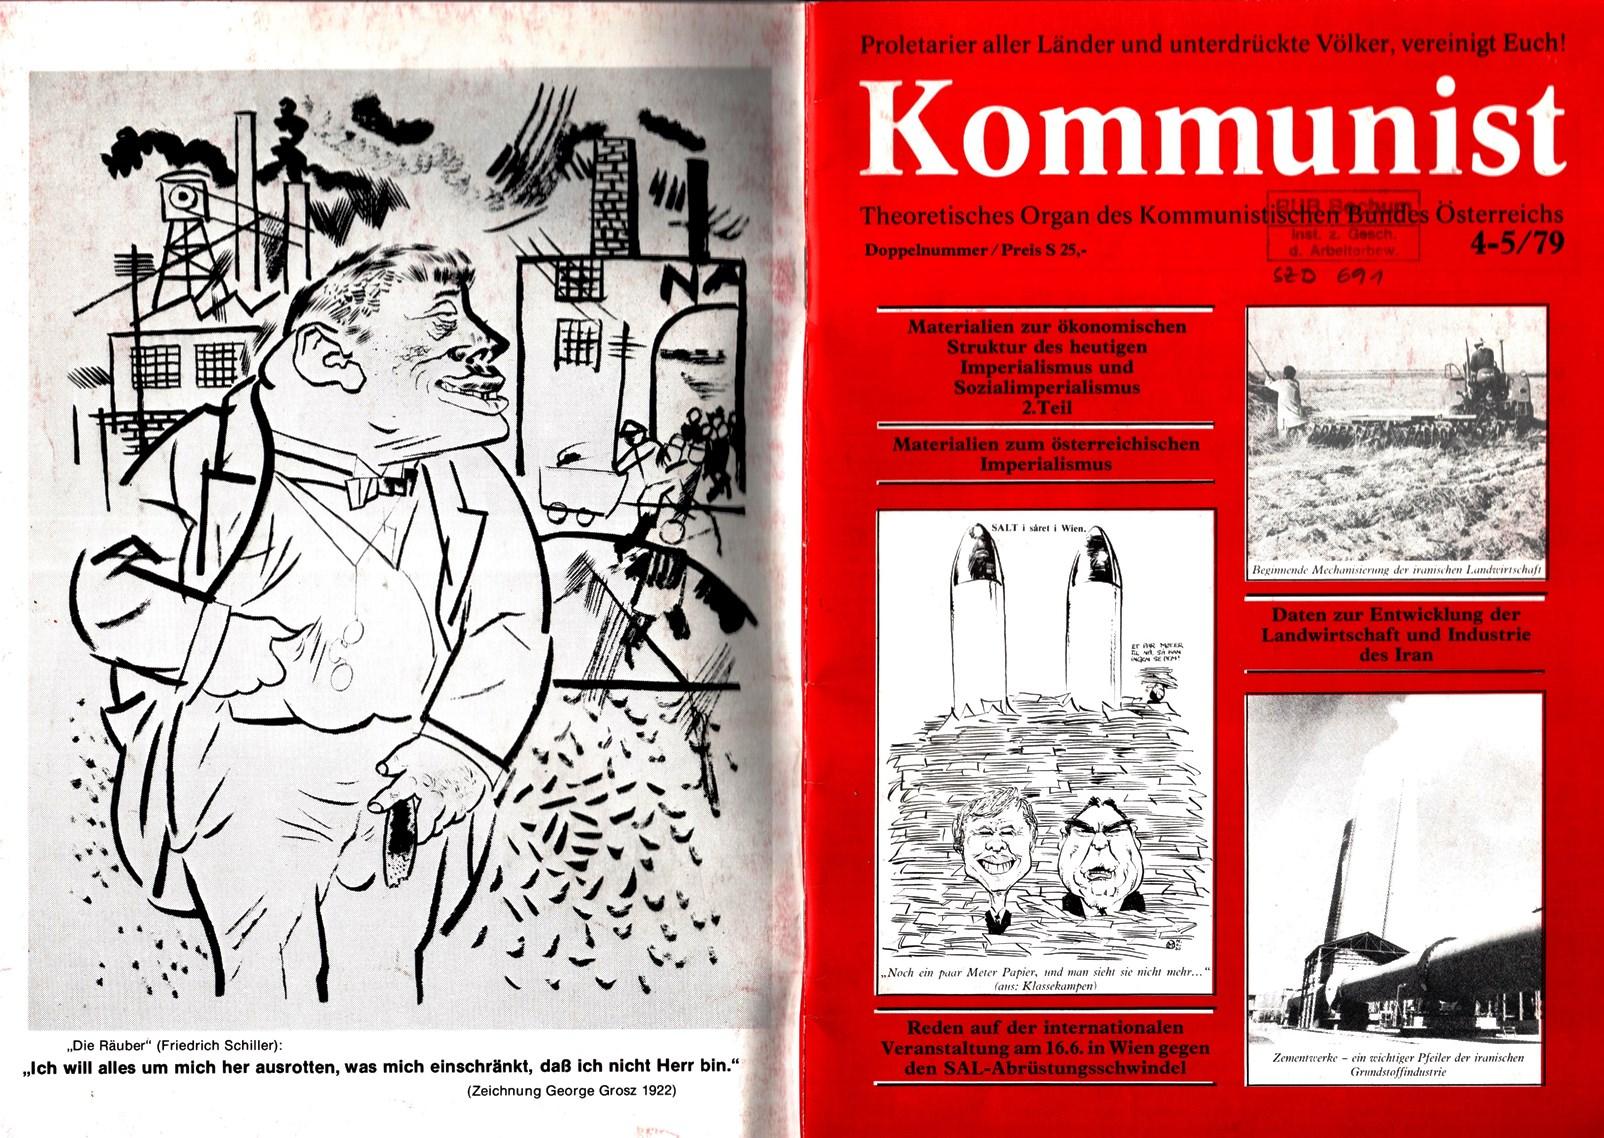 KBOe_TO_Kommunist_19790700_004_005_001